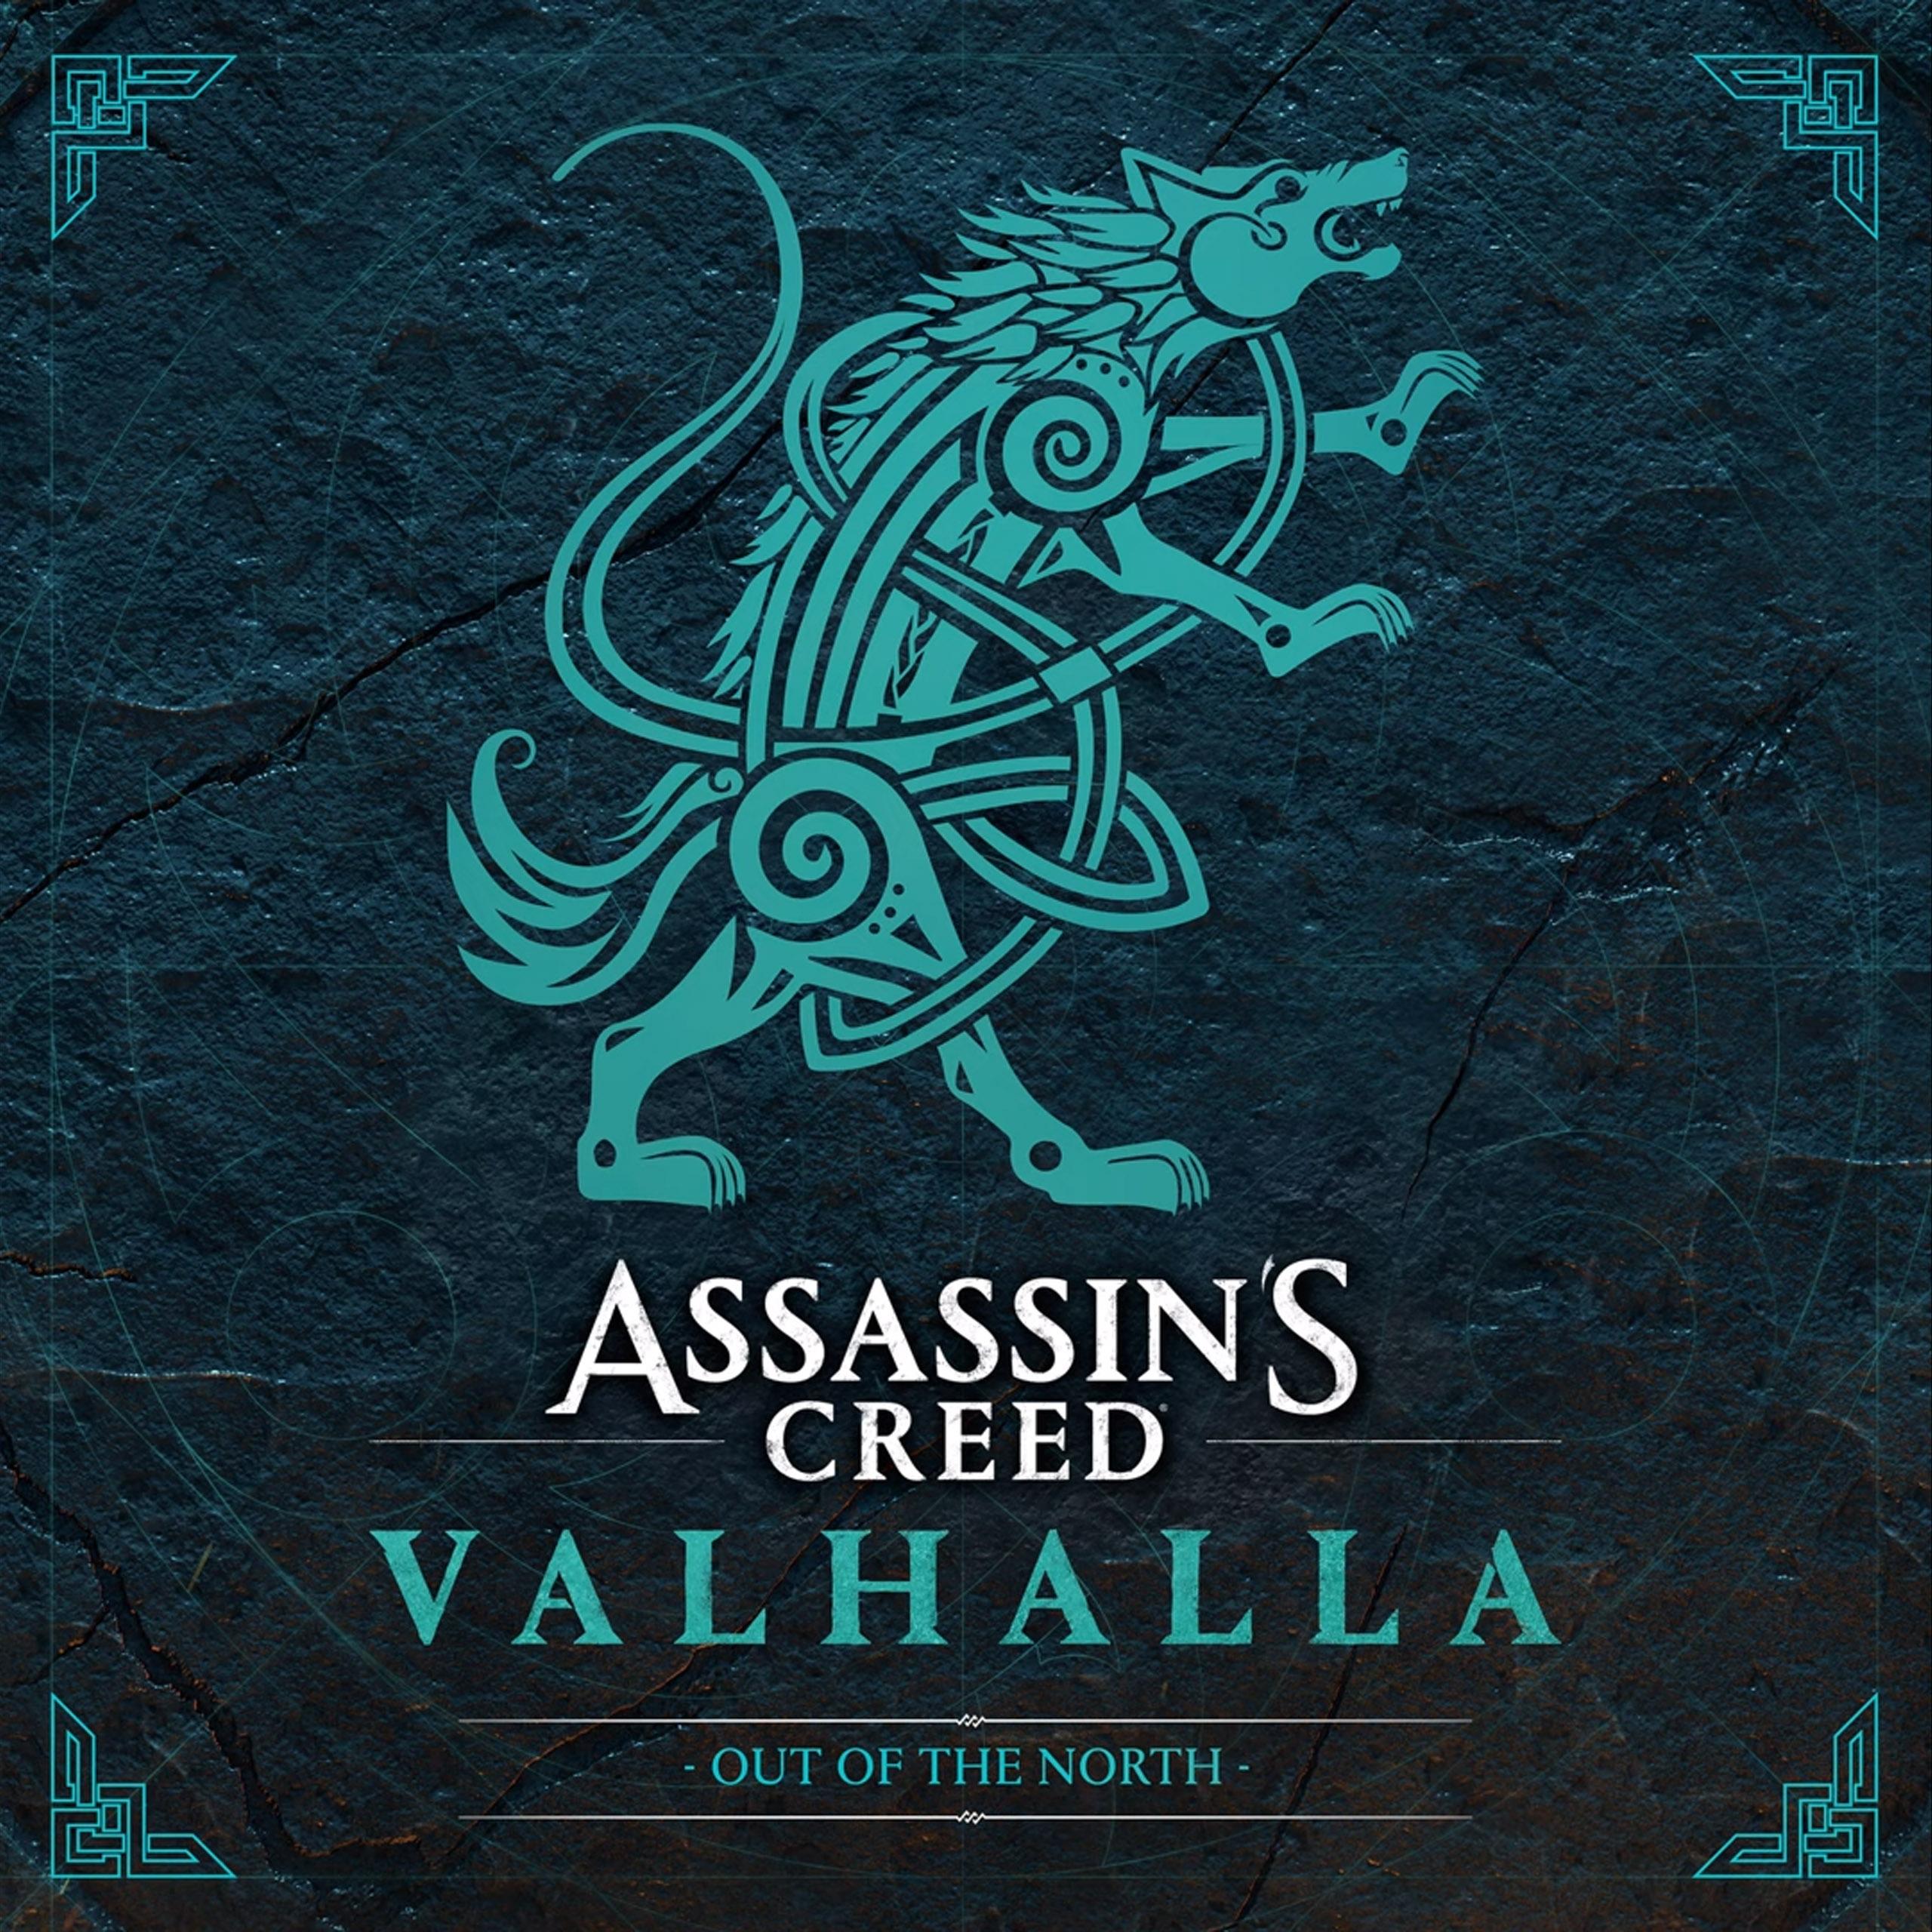 دانلود آلبوم موسیقی Assassin's Creed Valhalla Out of the North